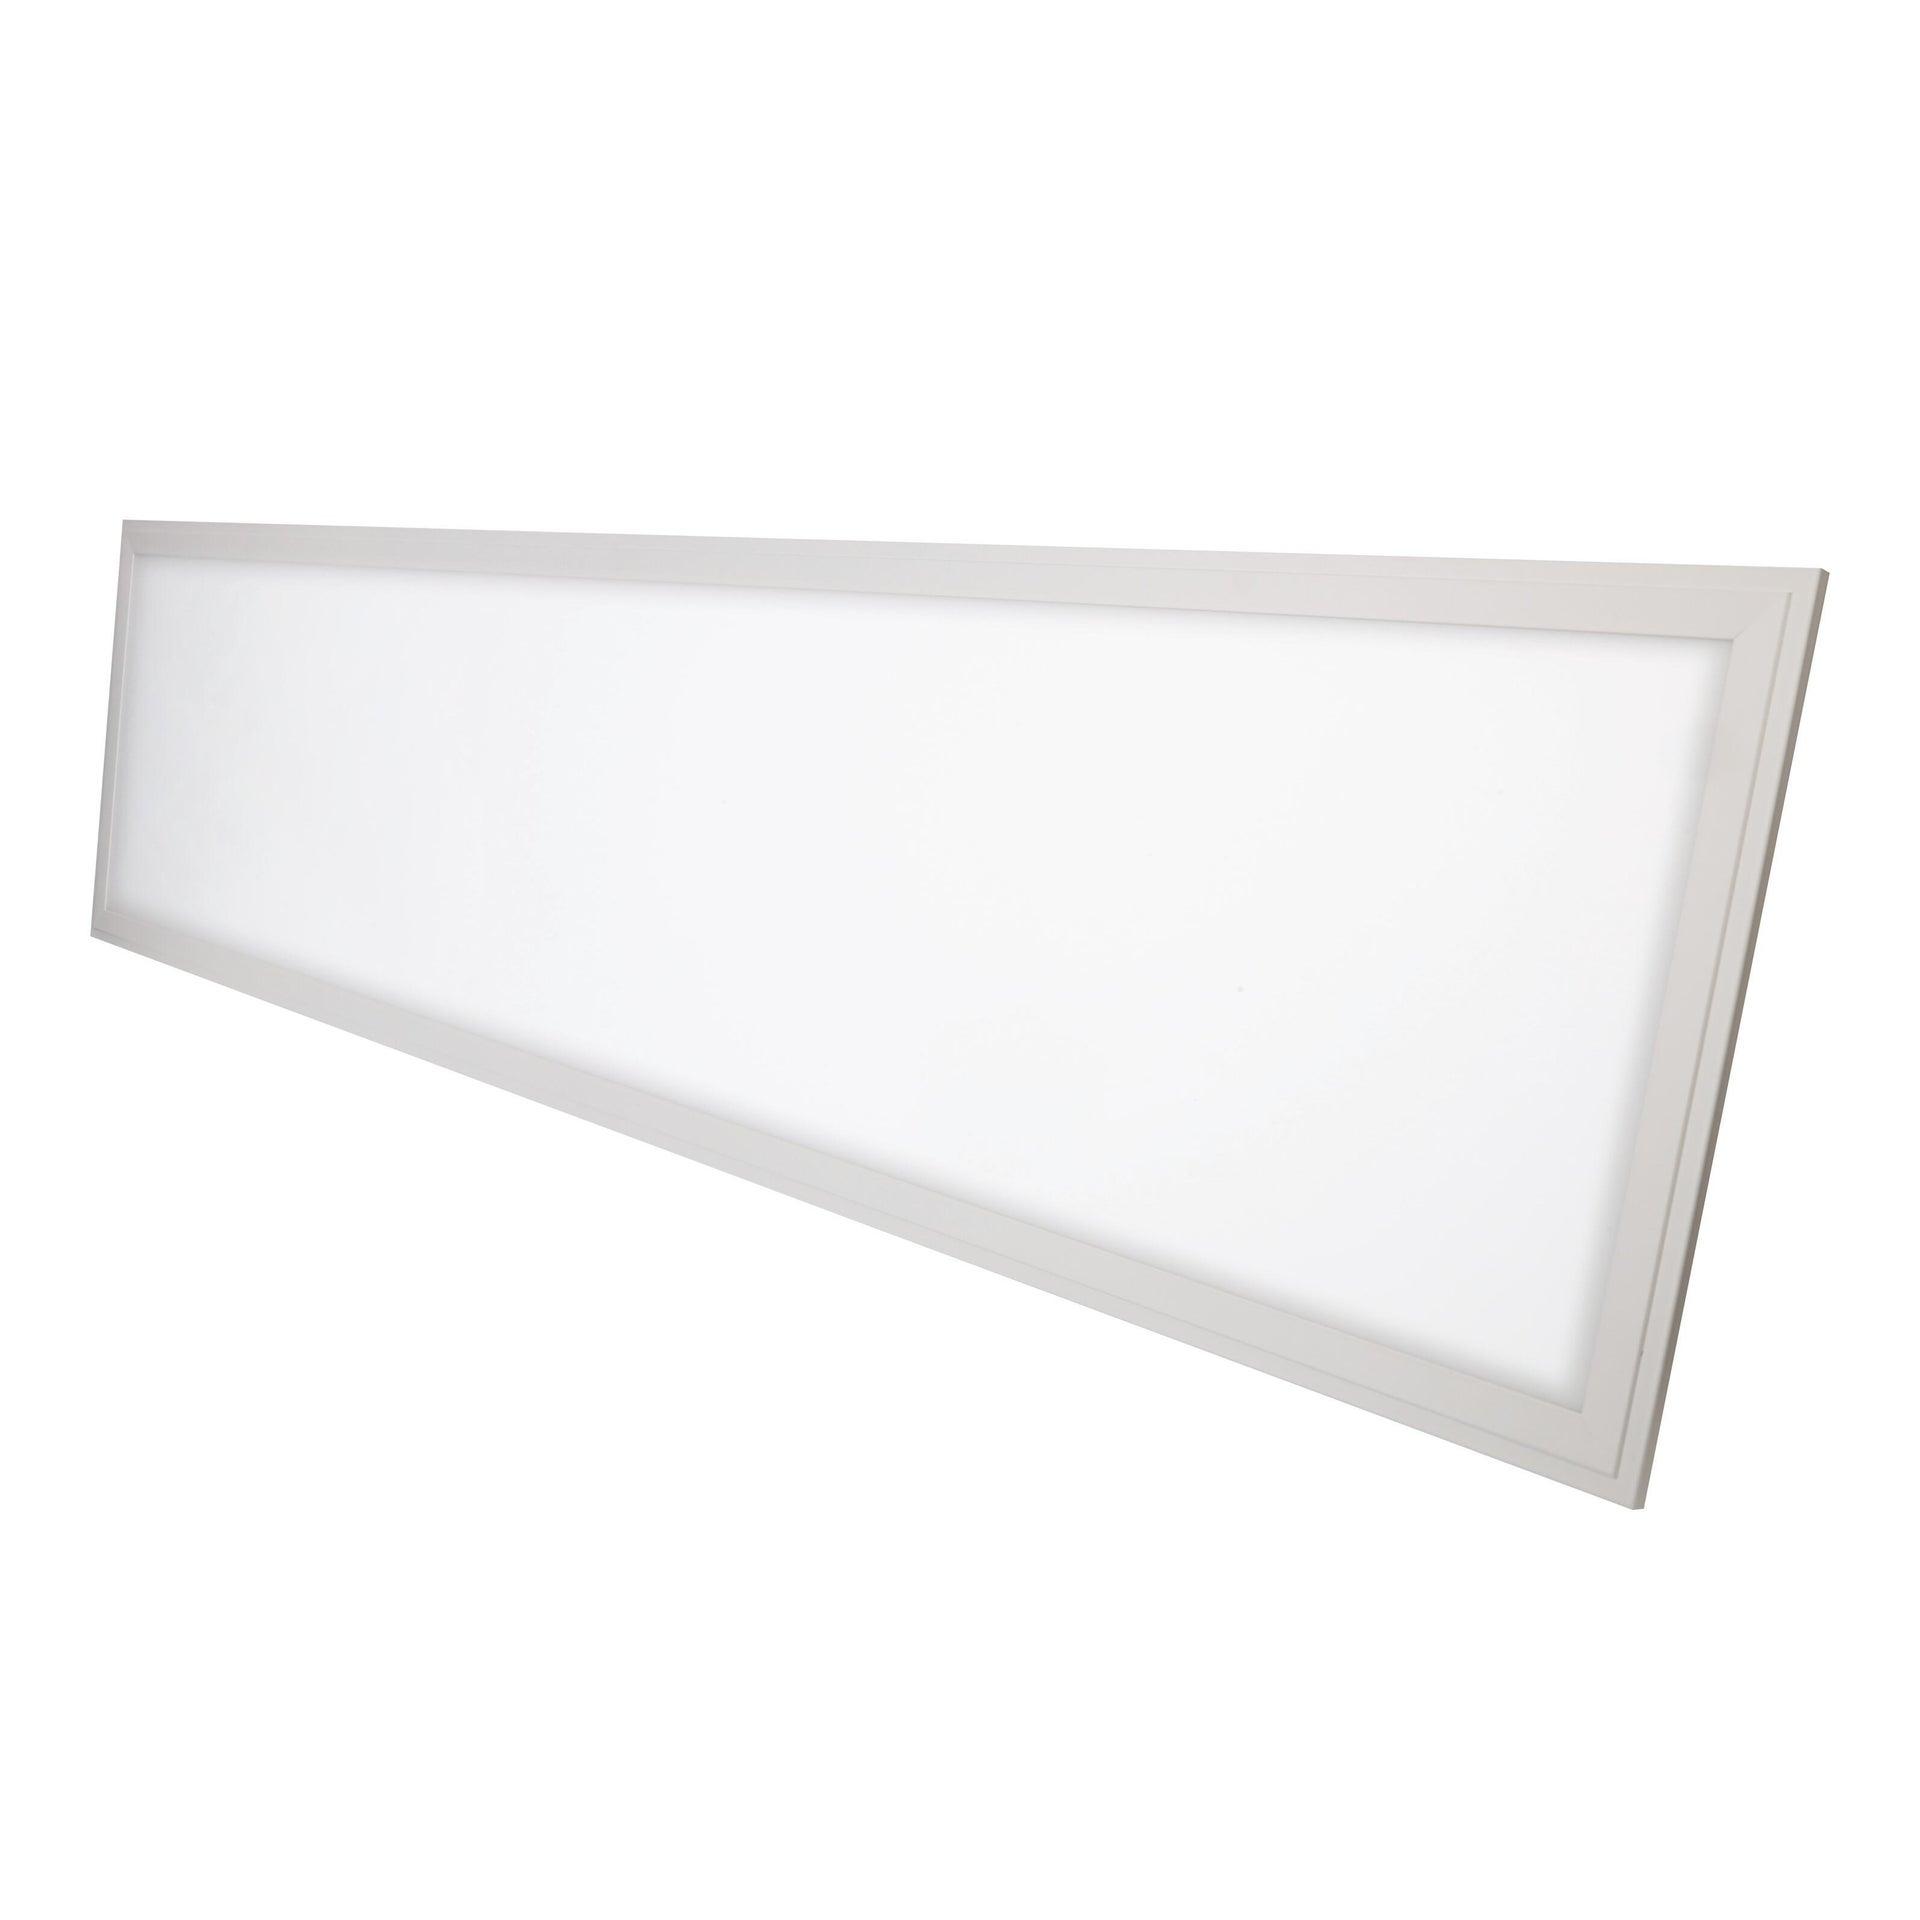 Pannello led PP 30x120 cm bianco naturale, 4600LM - 5